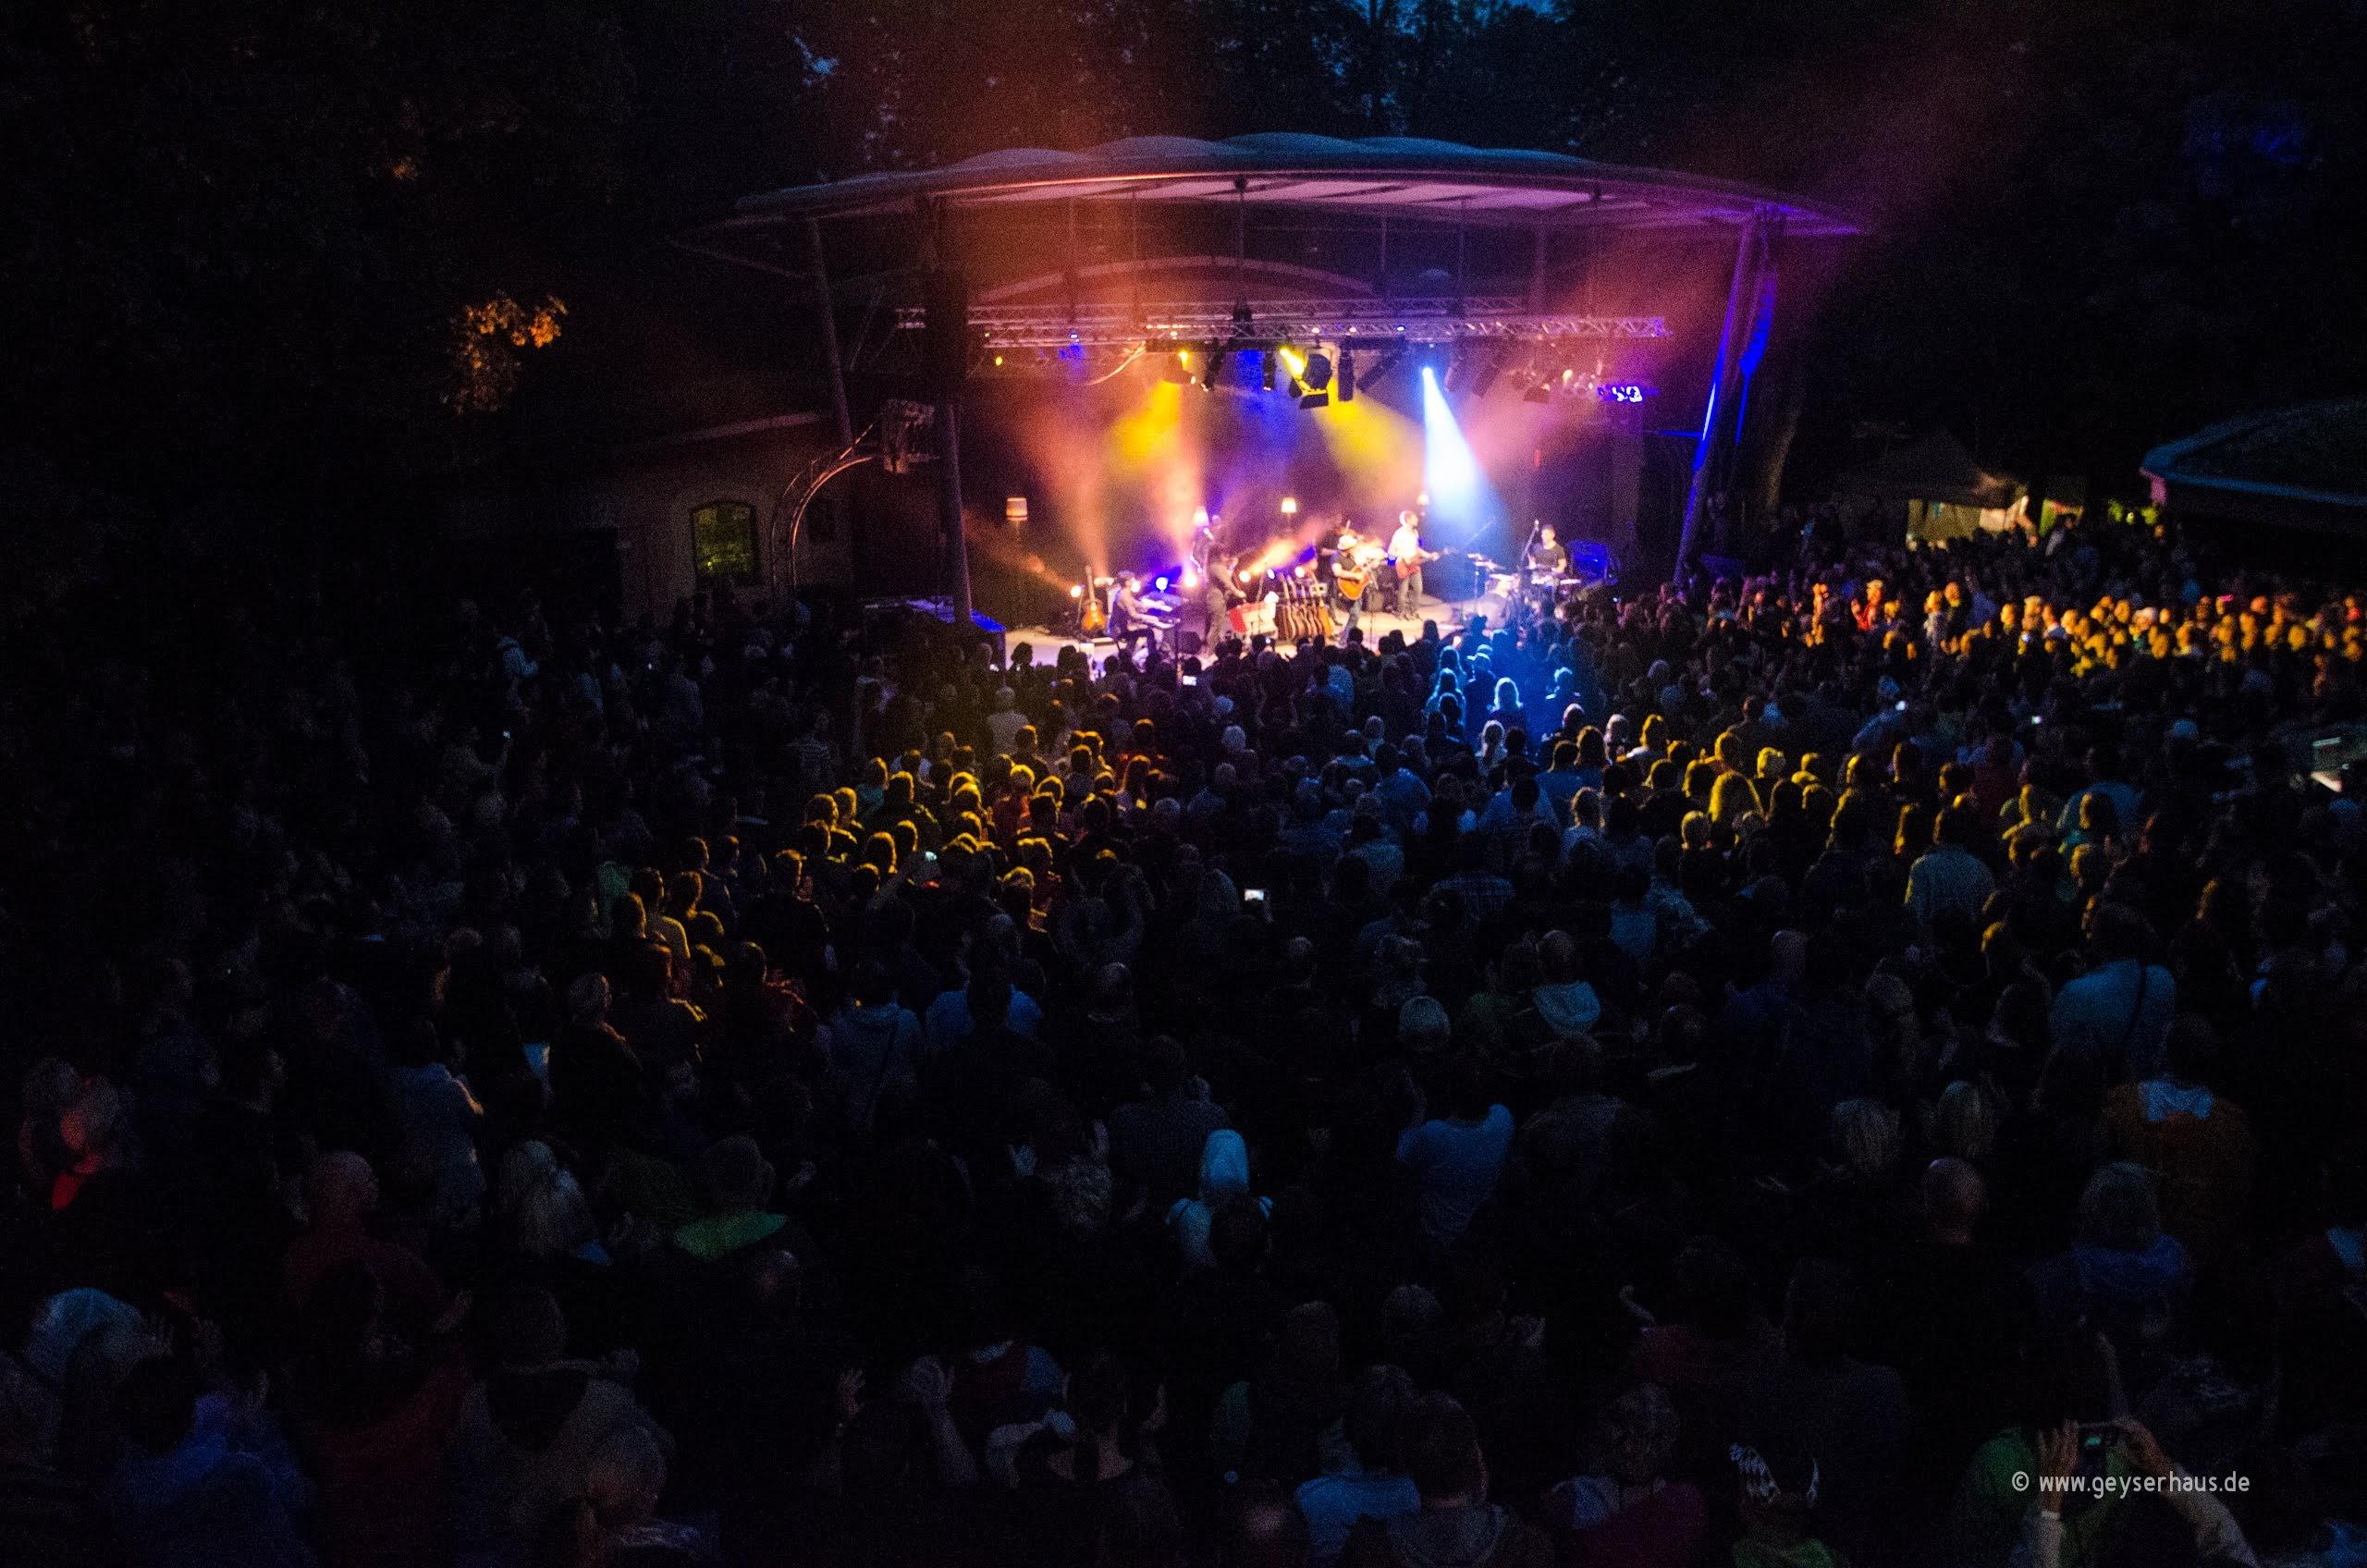 Foto der Parkbühne GeyserHaus während eines Konzertes.